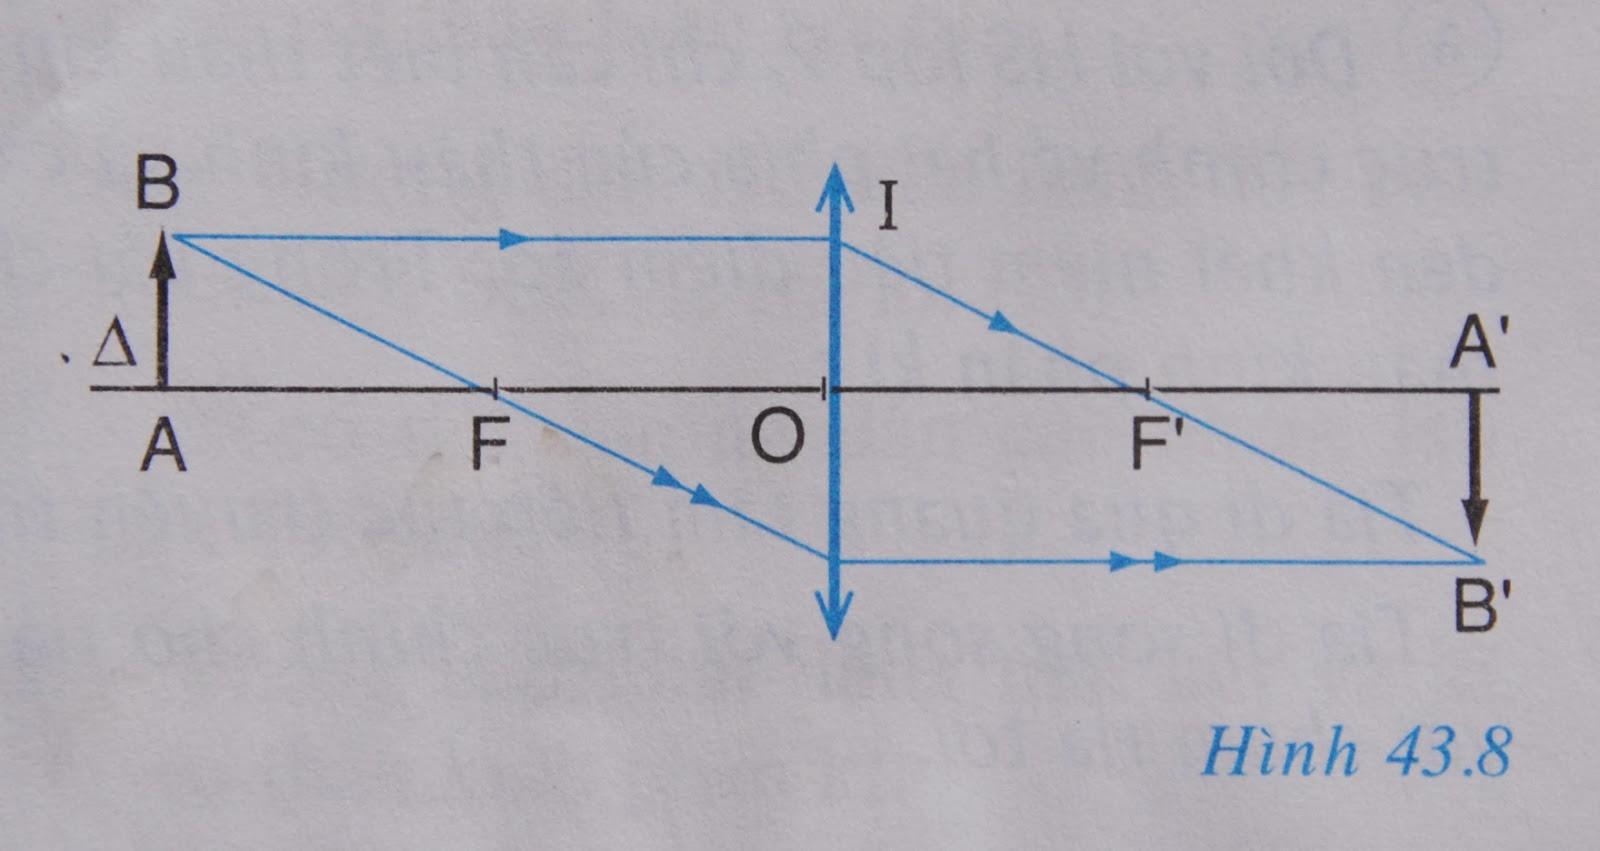 ảnh của 1 vật đặt cách thấu kính hội tụ 1 khoảng bằng 2f.